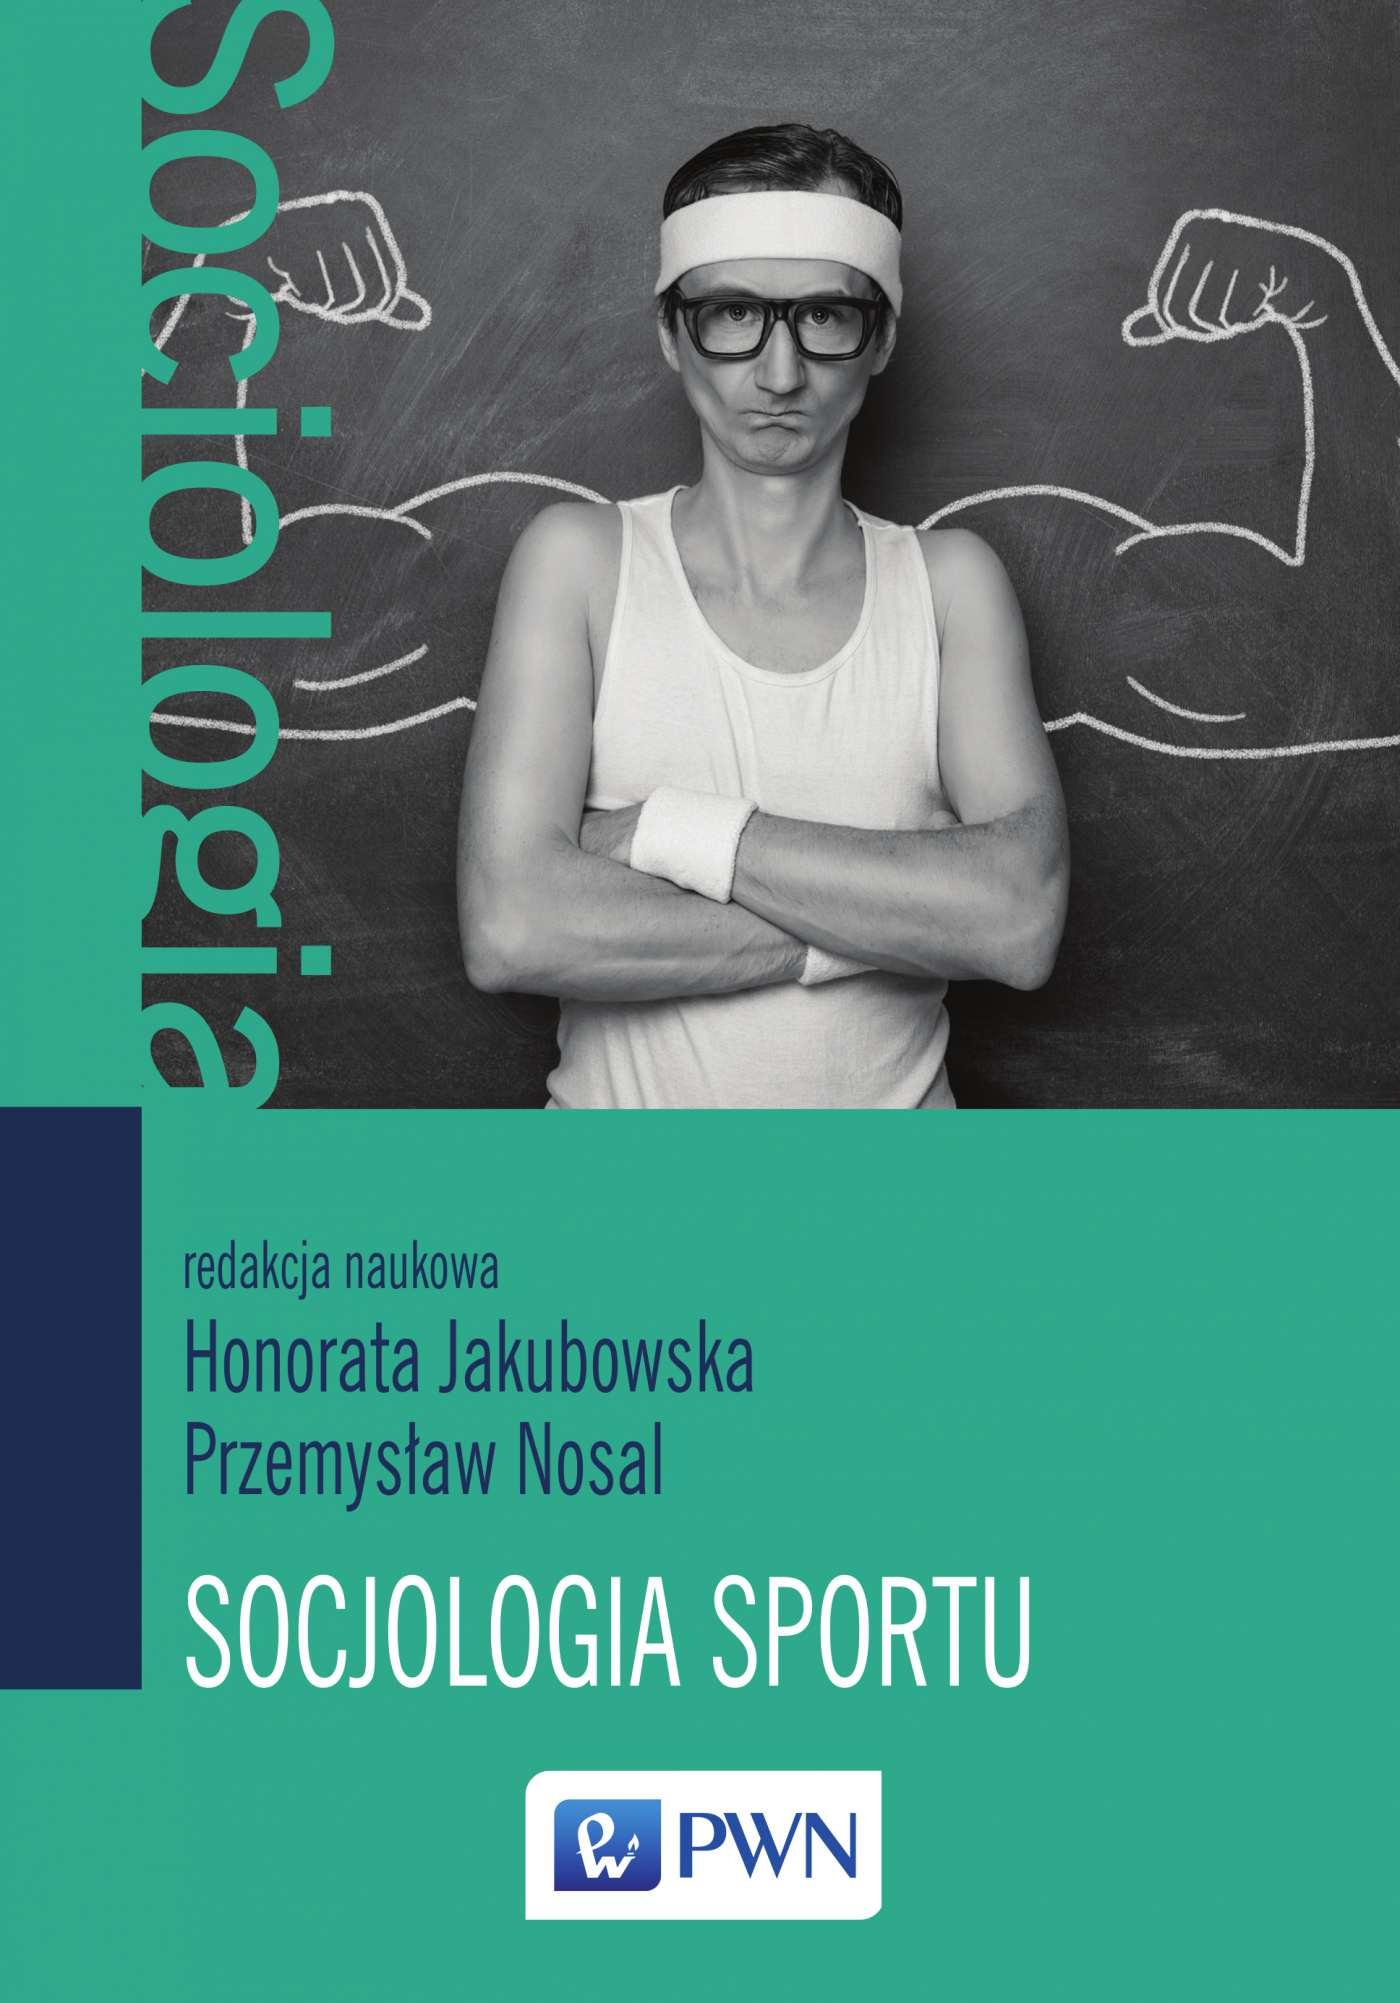 Socjologia sportu - Ebook (Książka na Kindle) do pobrania w formacie MOBI